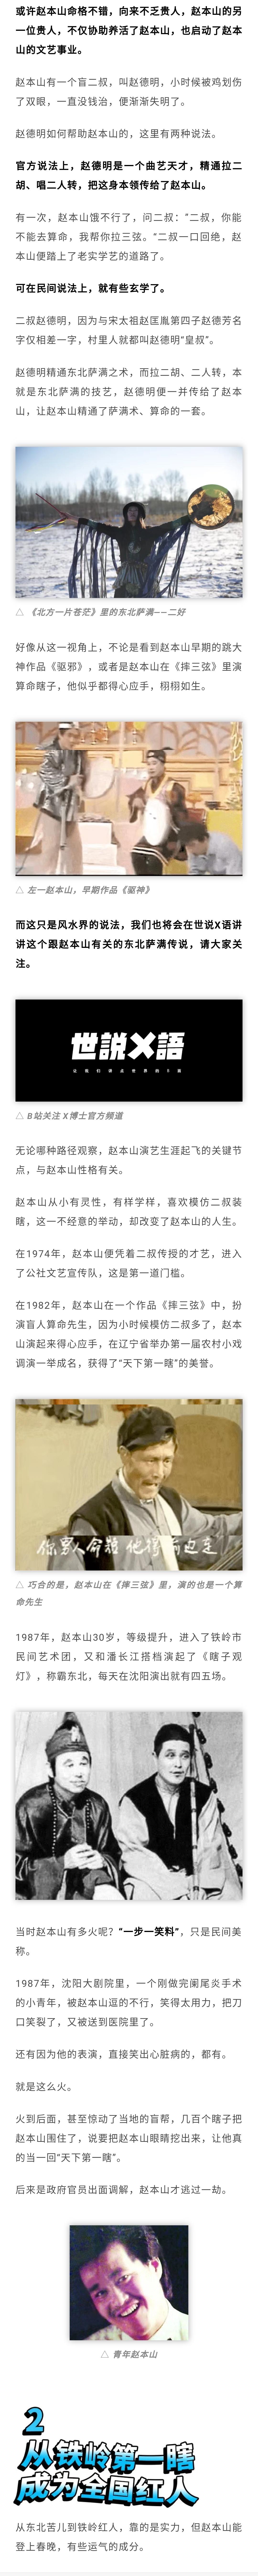 """赵本山——从东北""""萨满""""到东北教父 liuliushe.net六六社 第2张"""